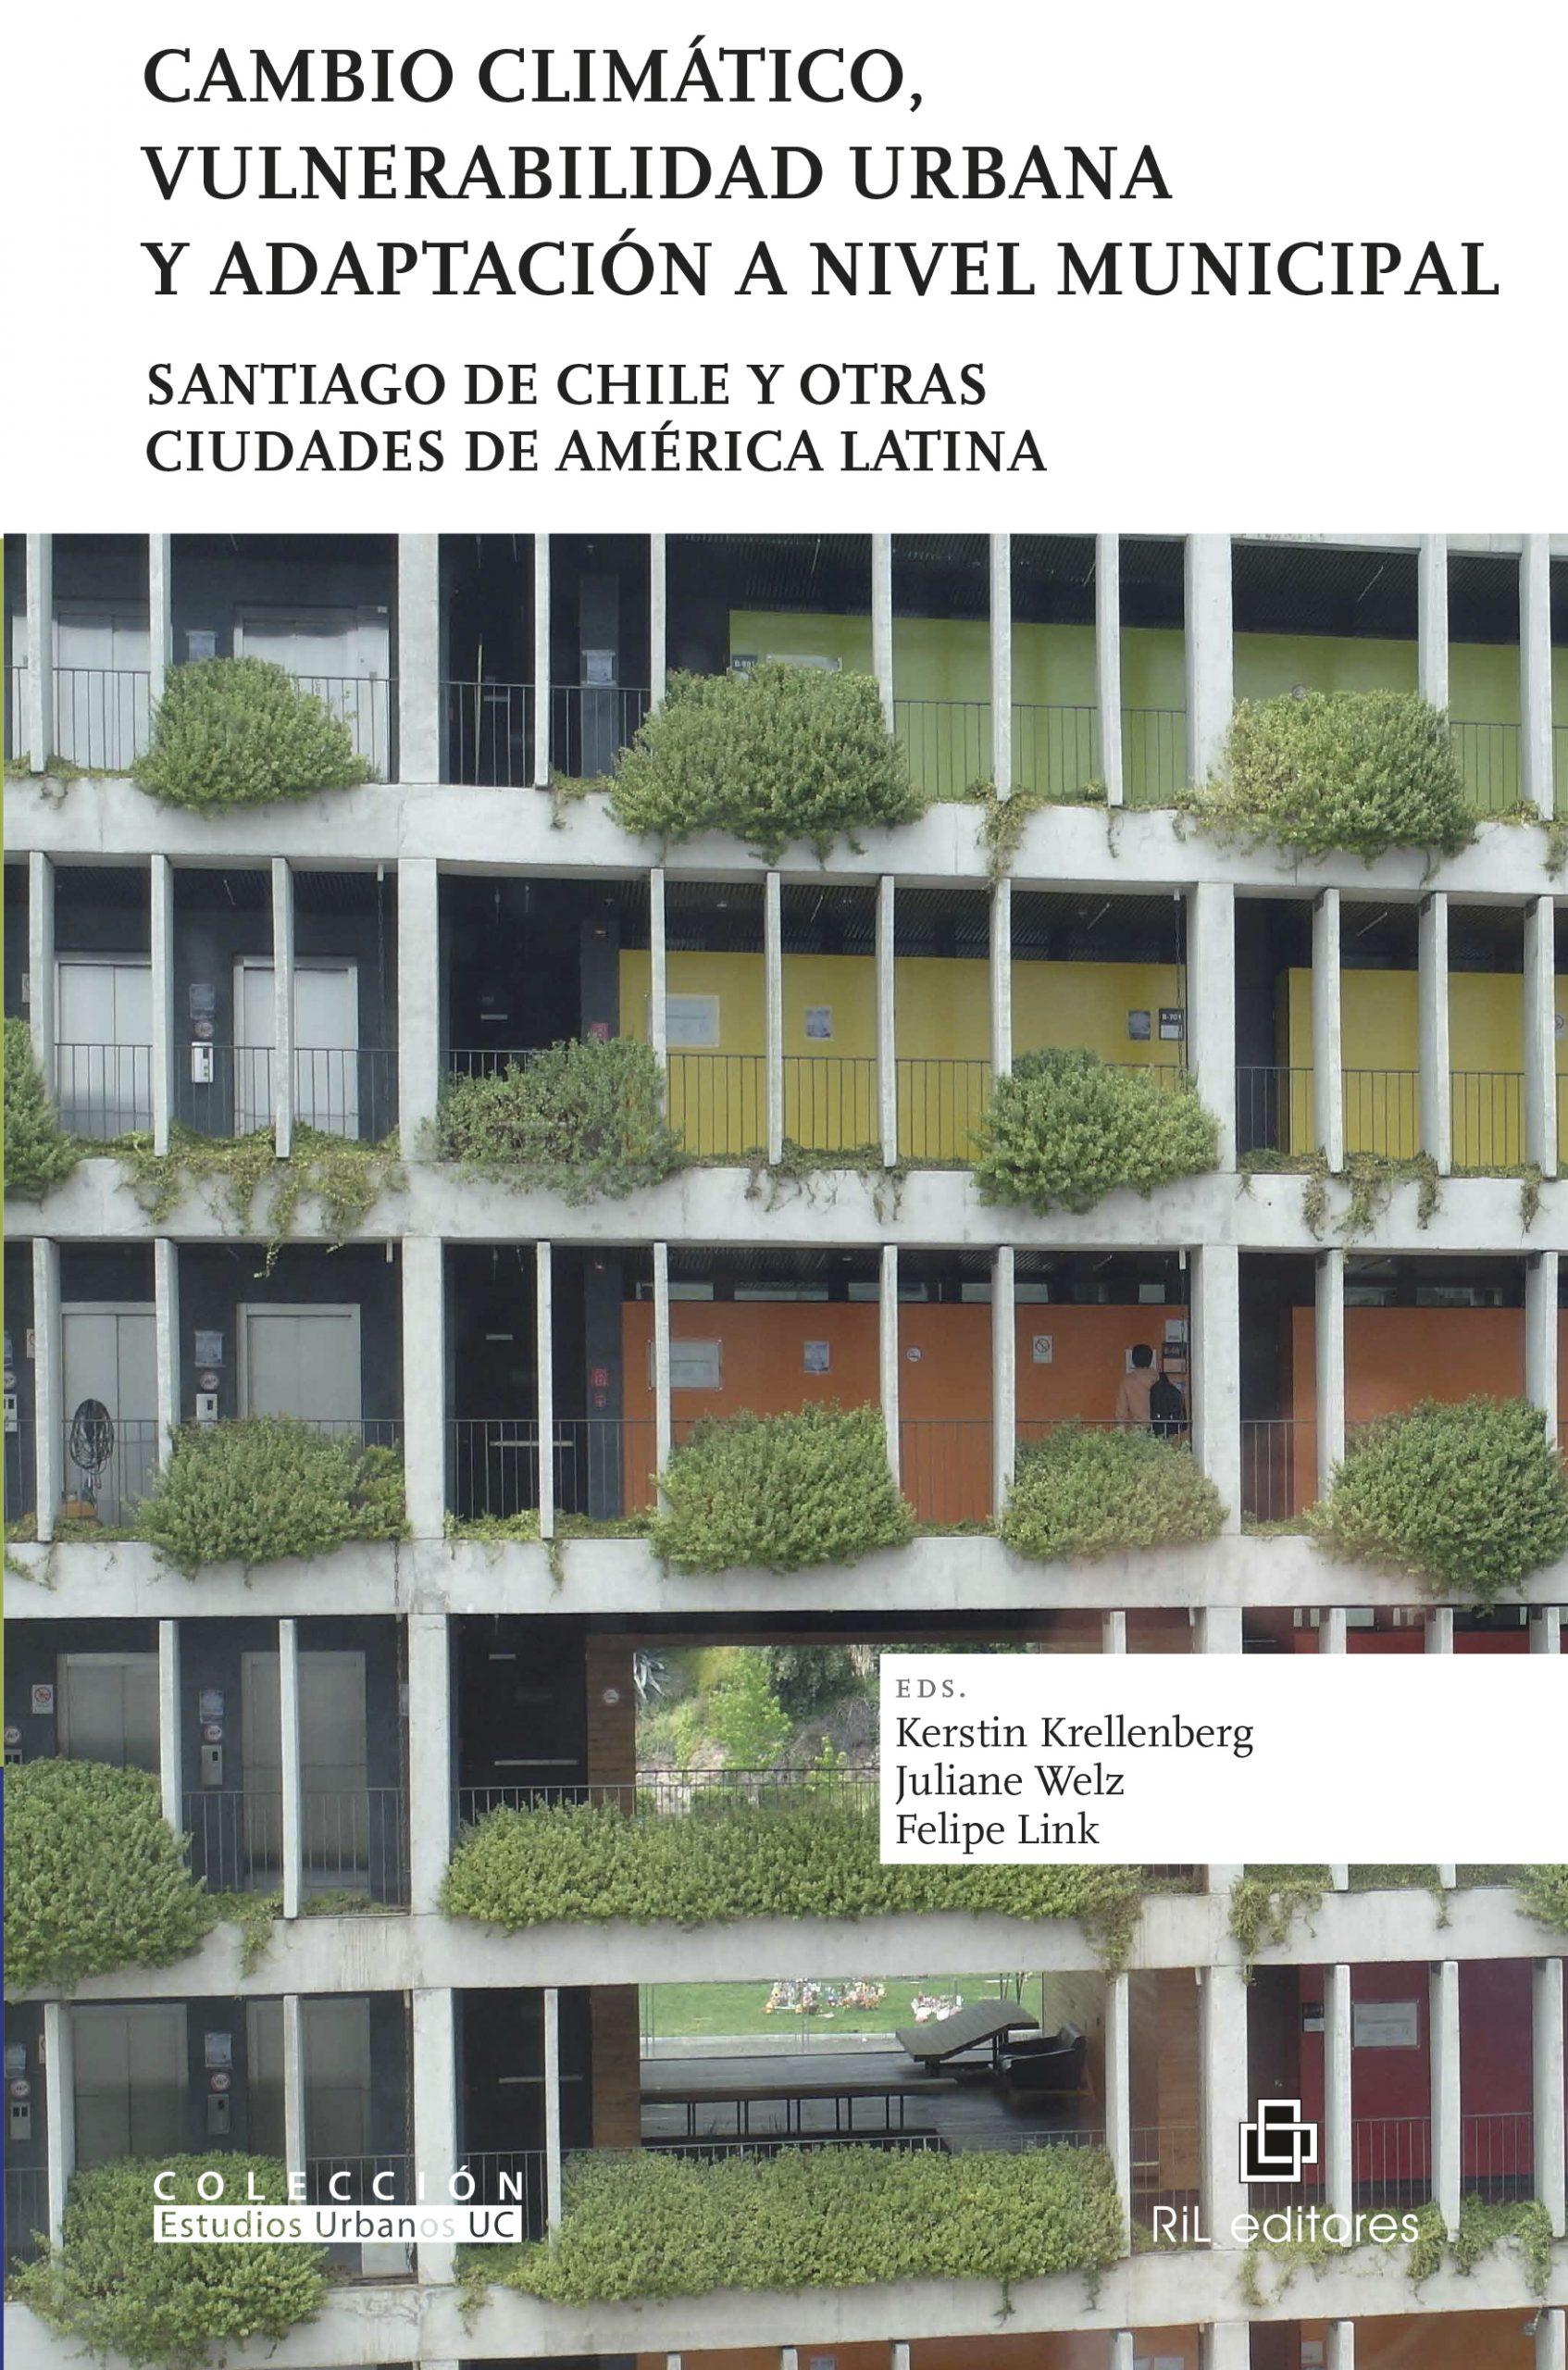 Cambio Climático, vulnerabilidad urbana y adaptación a nivel municipal. Santiago de Chile y otras ciudades de América Latina